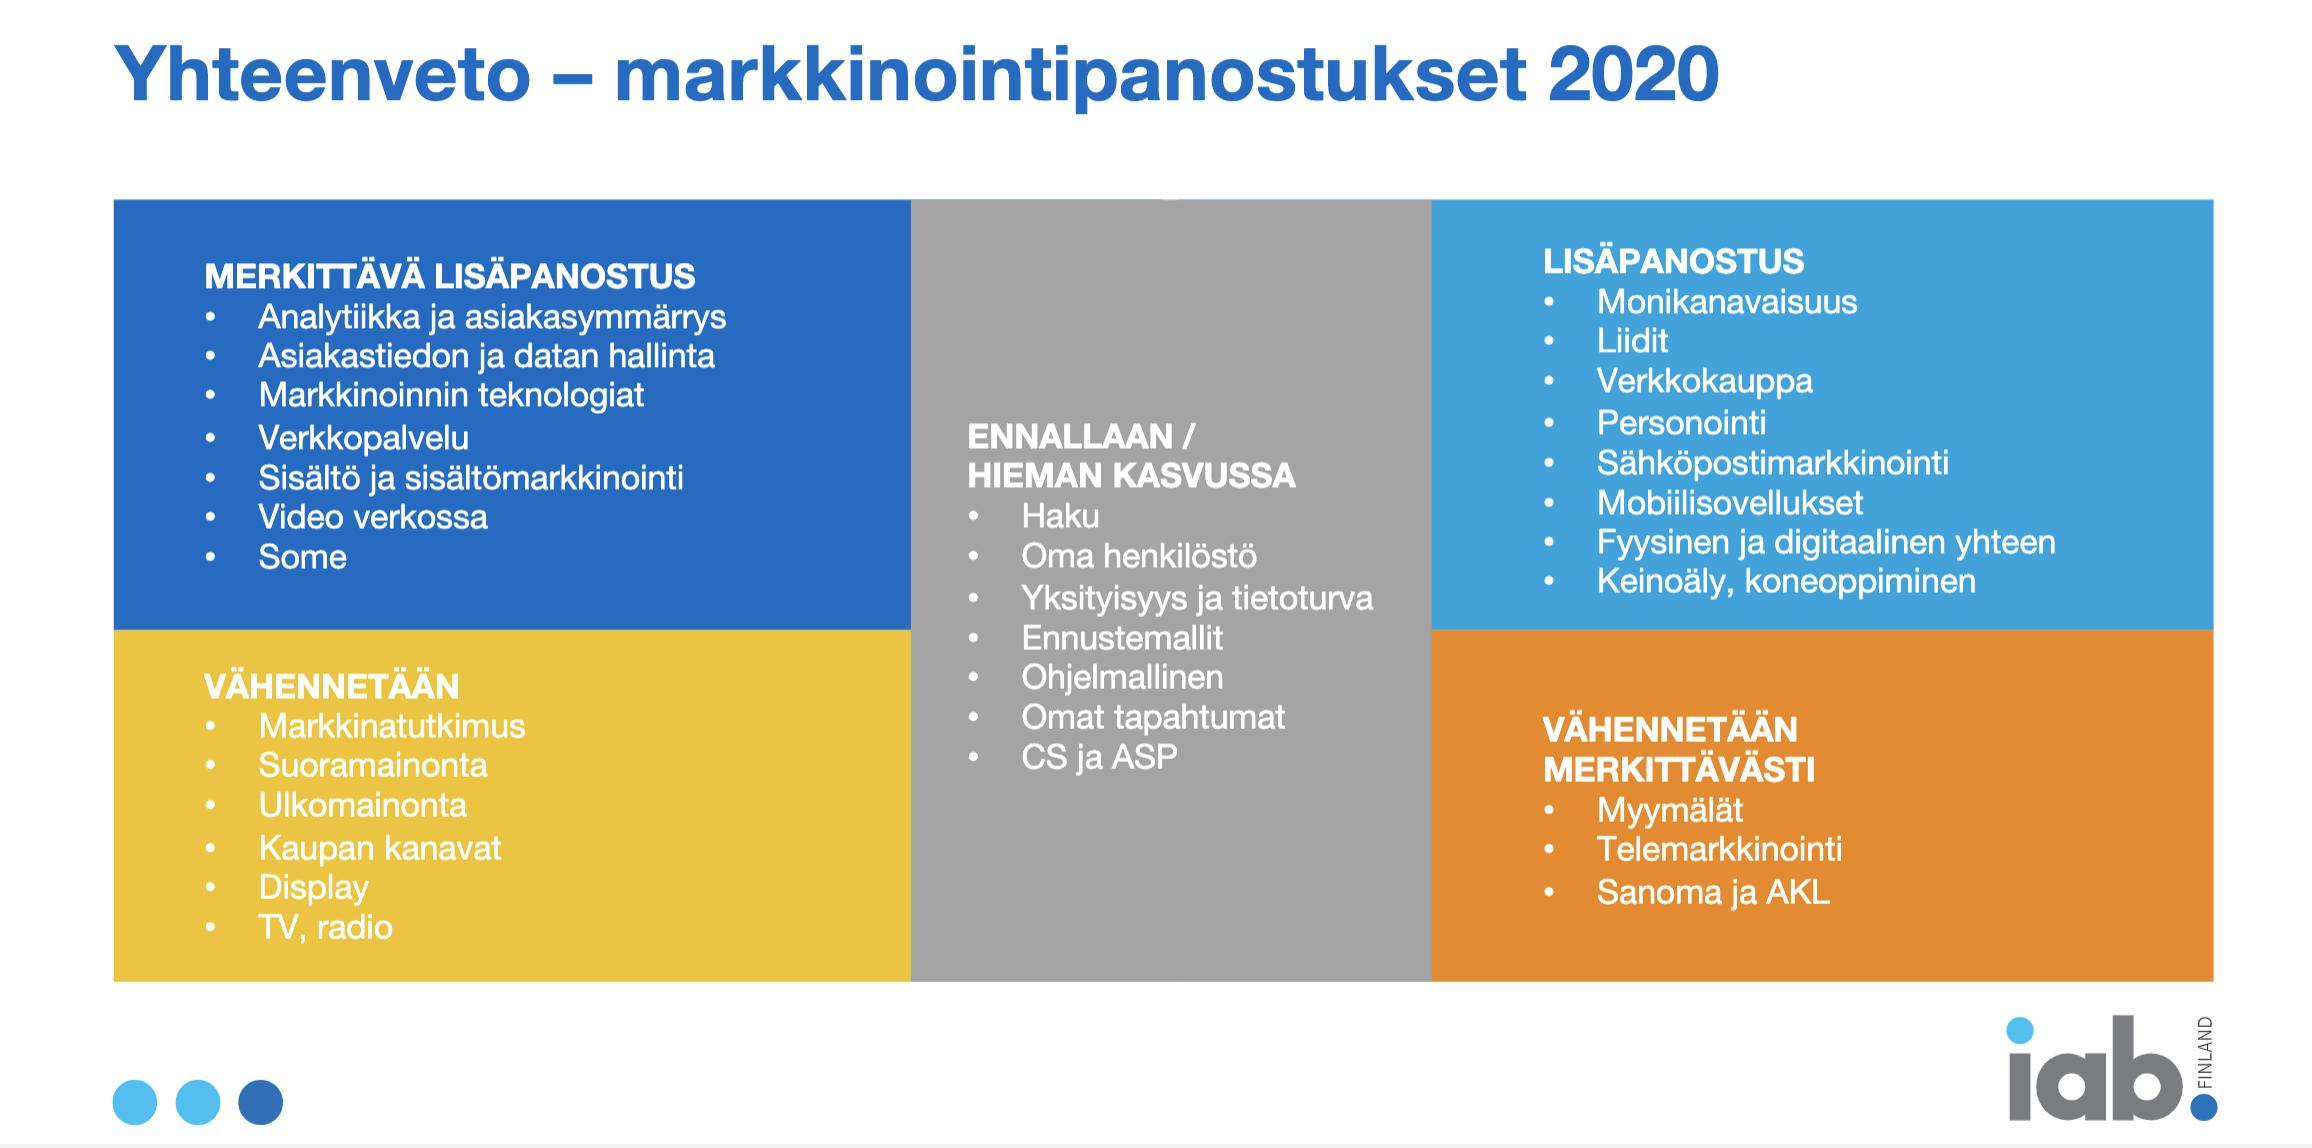 Markkinointipanostukset 2020